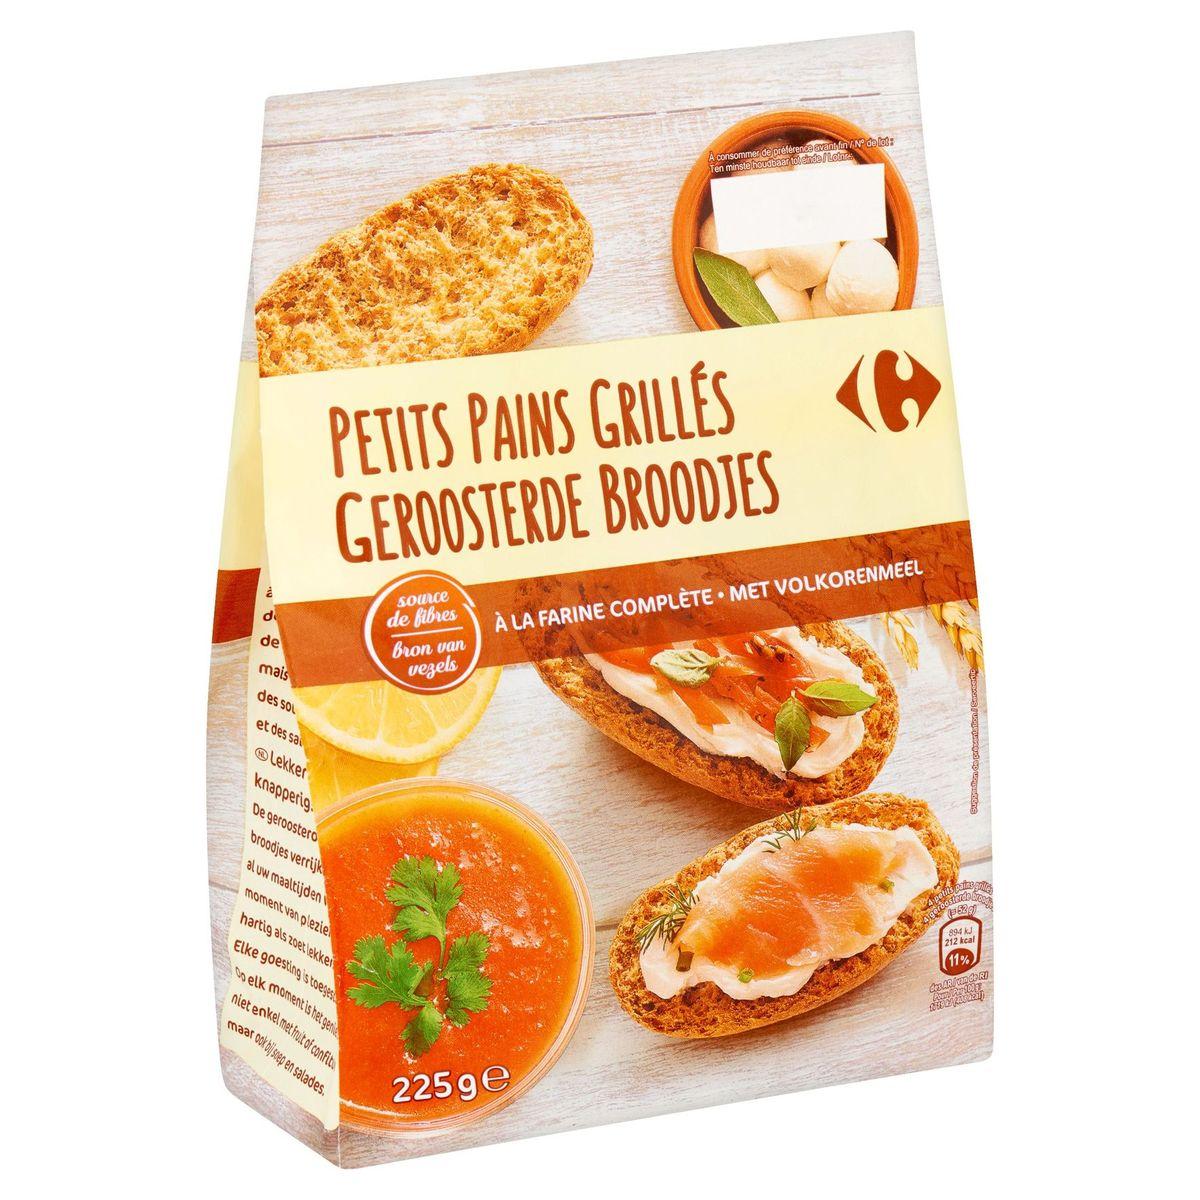 Carrefour Petits Pains Grillés à la Farine Complète 225 g